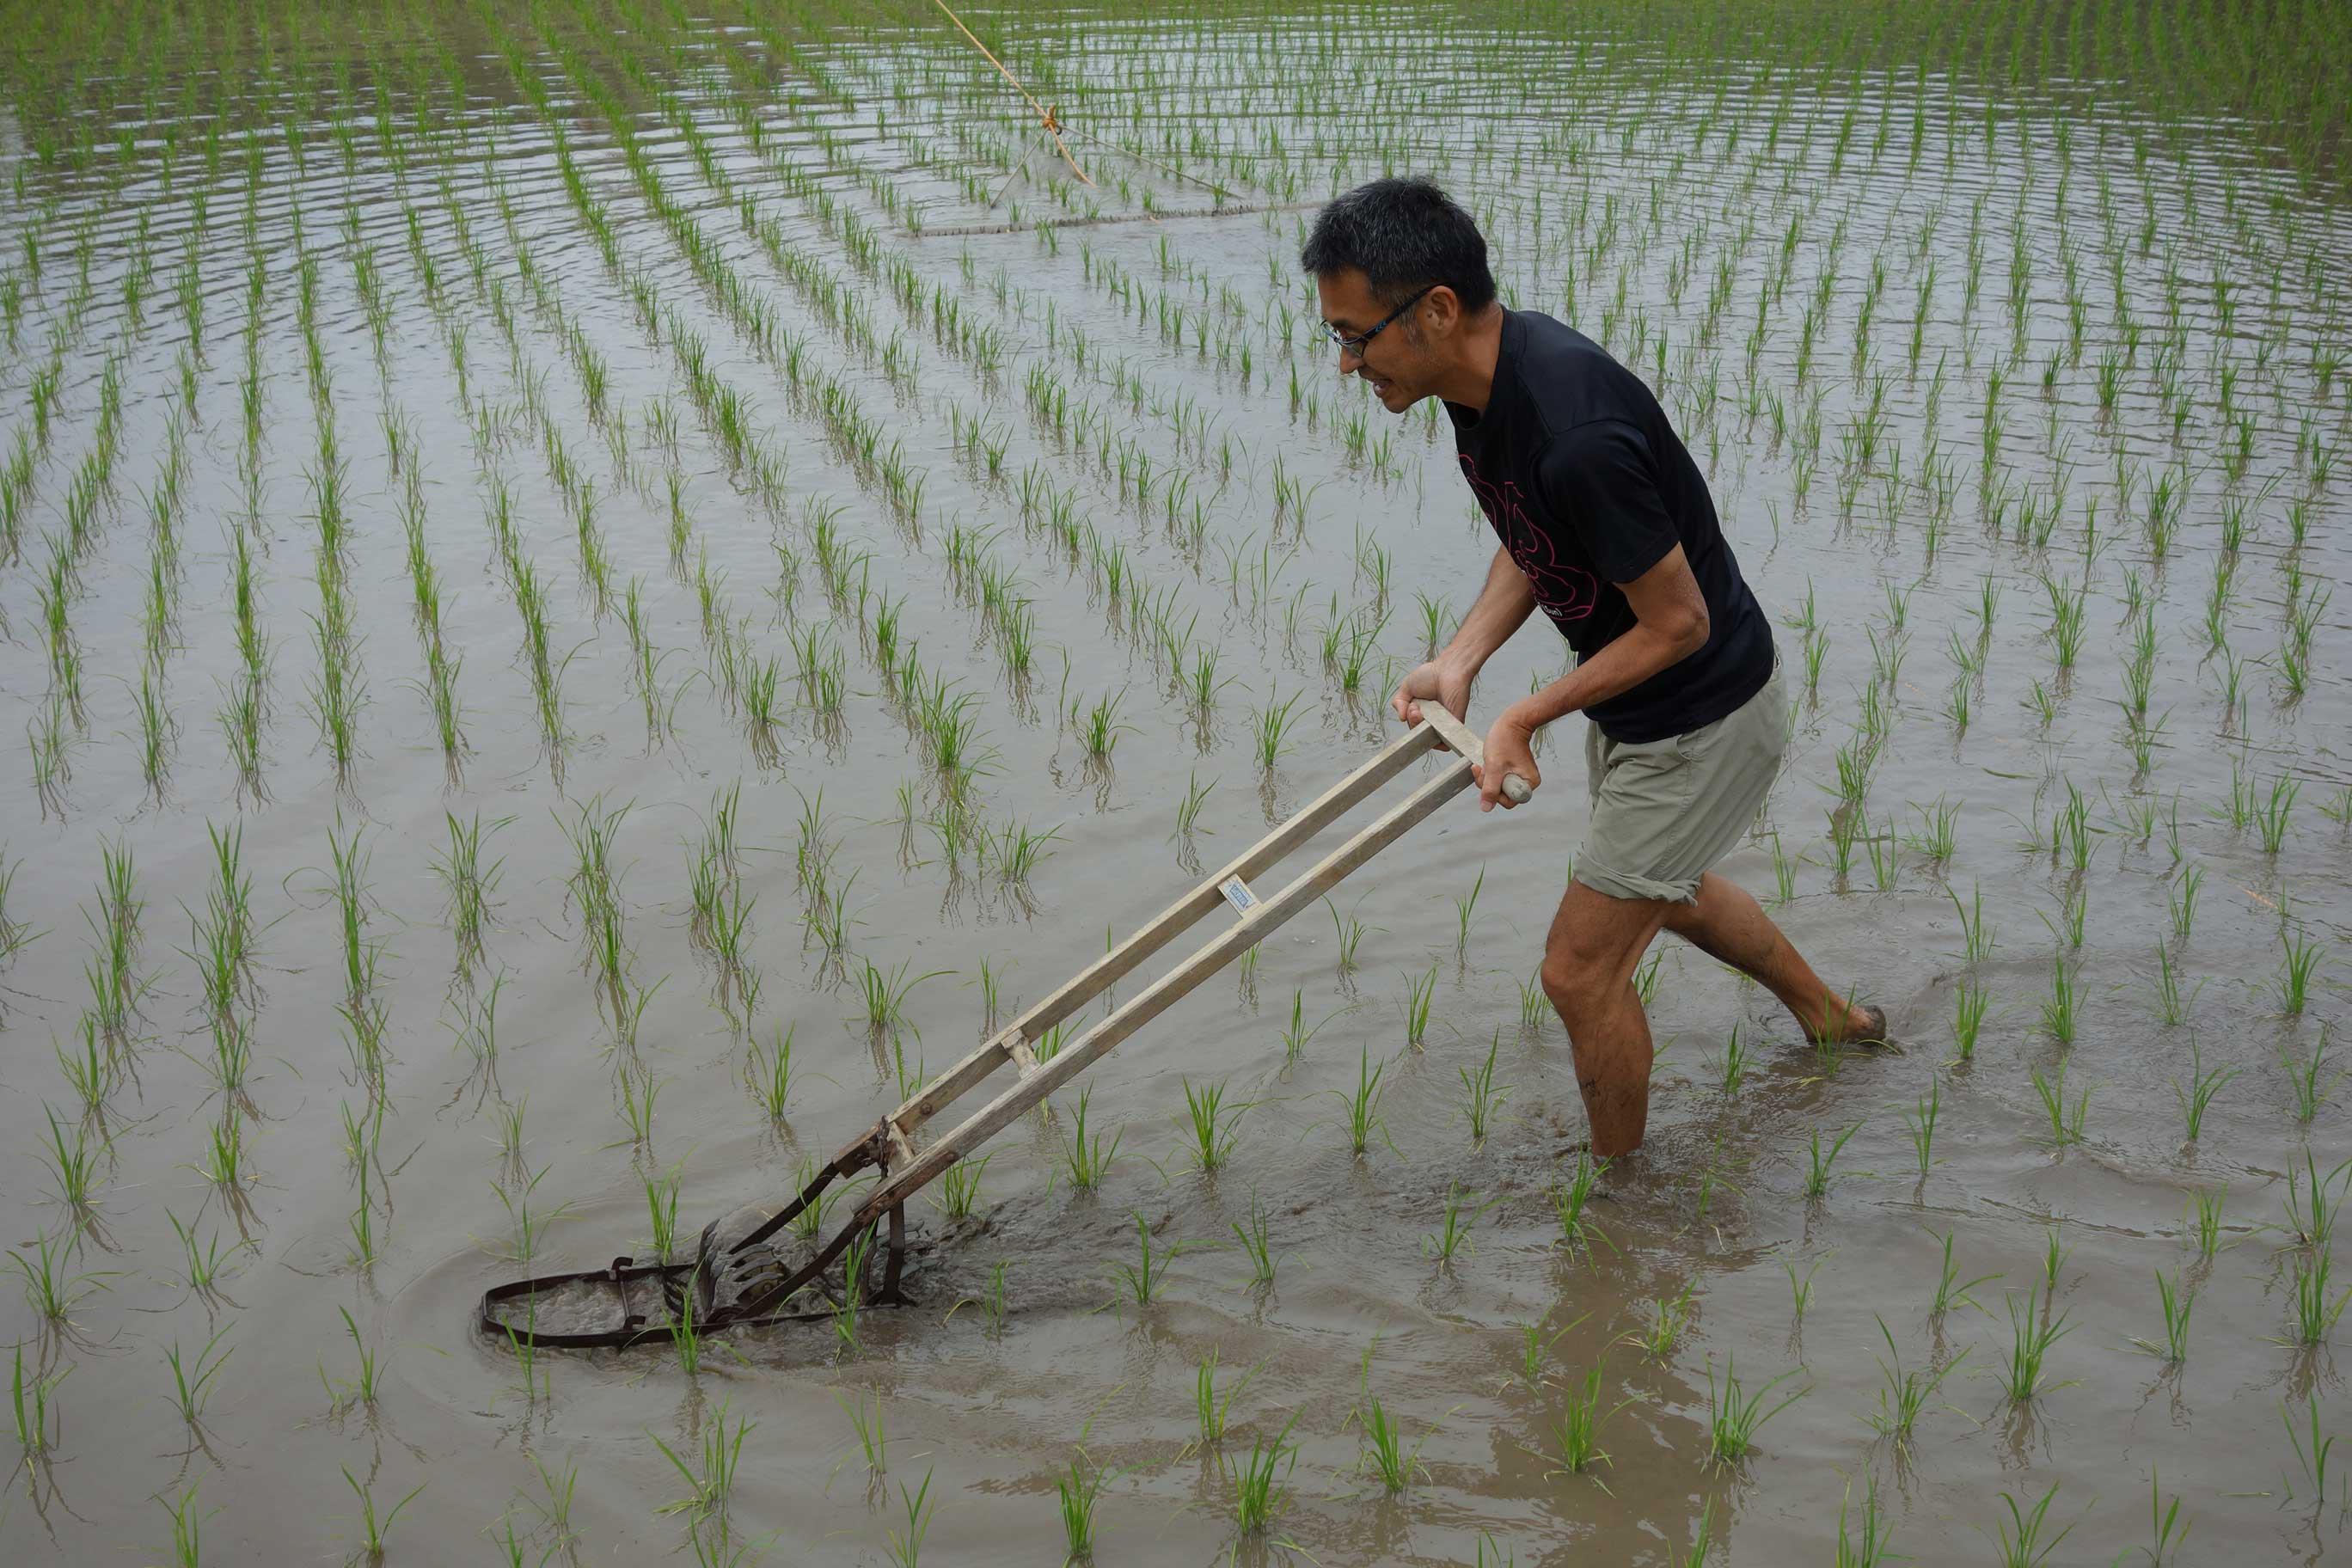 コロガシという道具を使って、土をかきまぜて草を浮かせたり、沈ませます